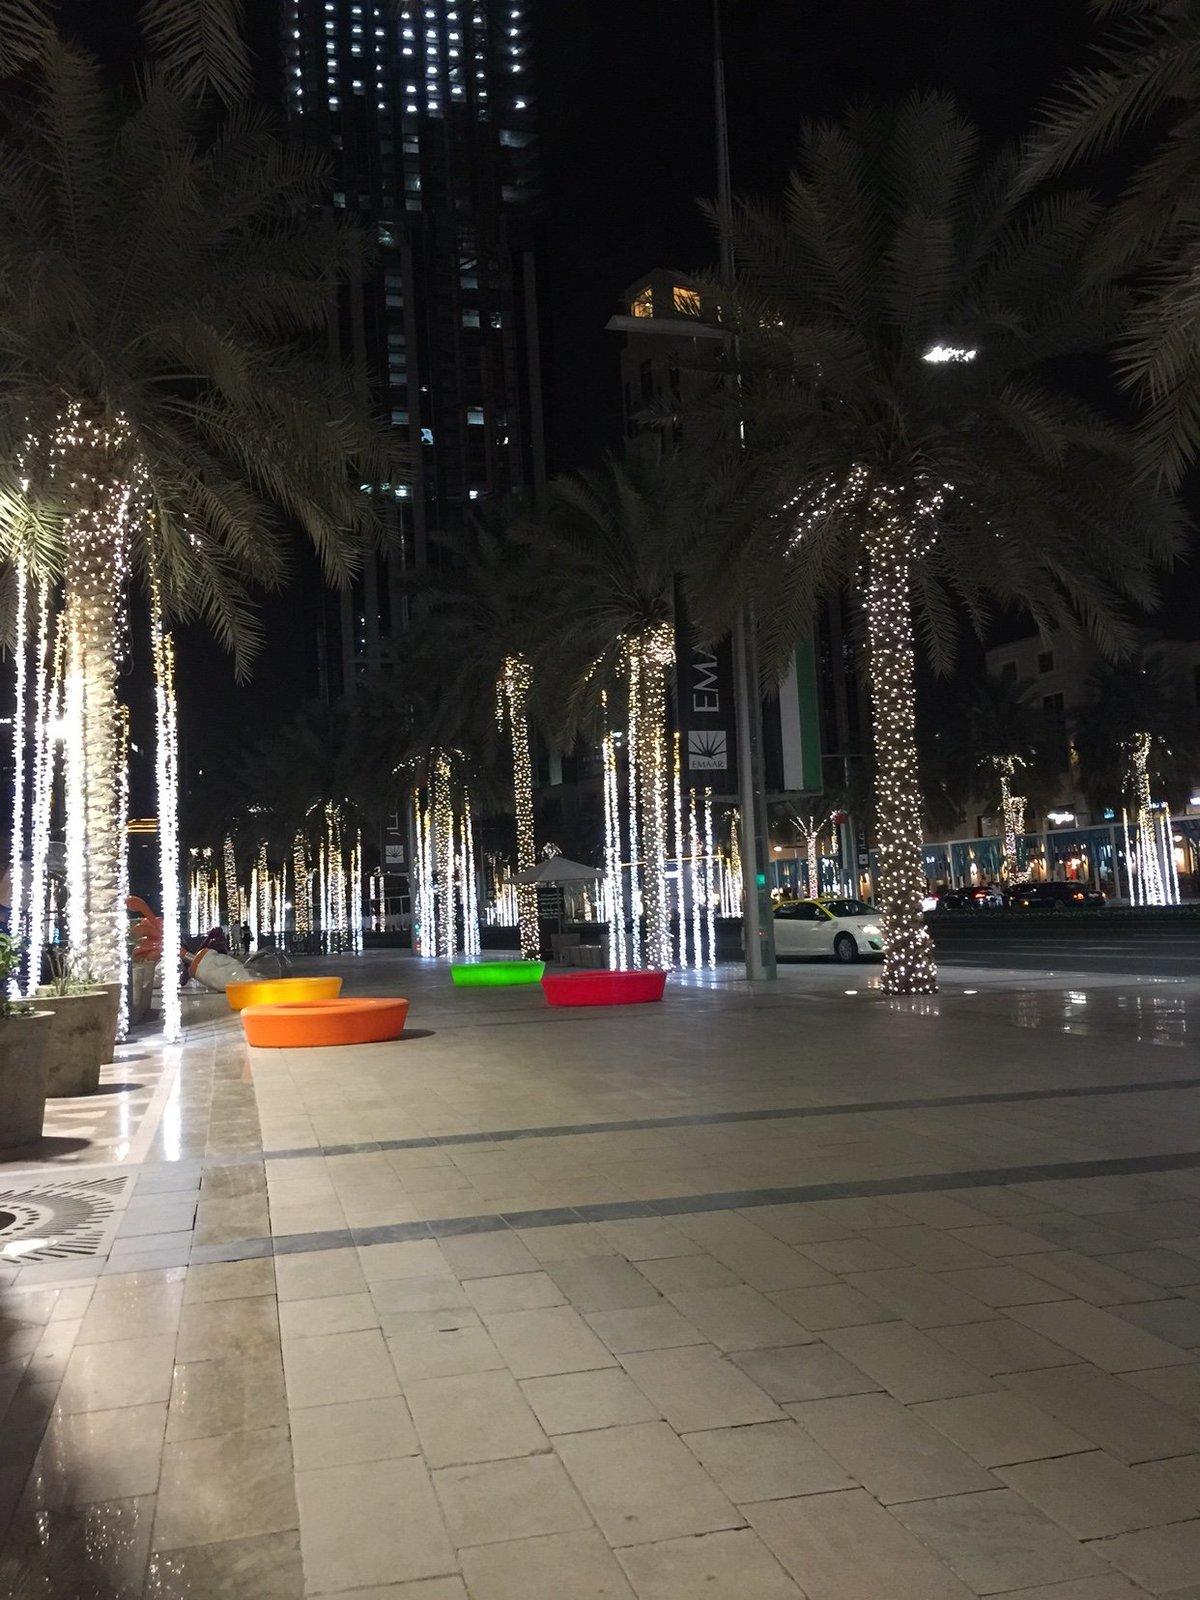 661534 المسافرون العرب دبي مدينة الجميرا